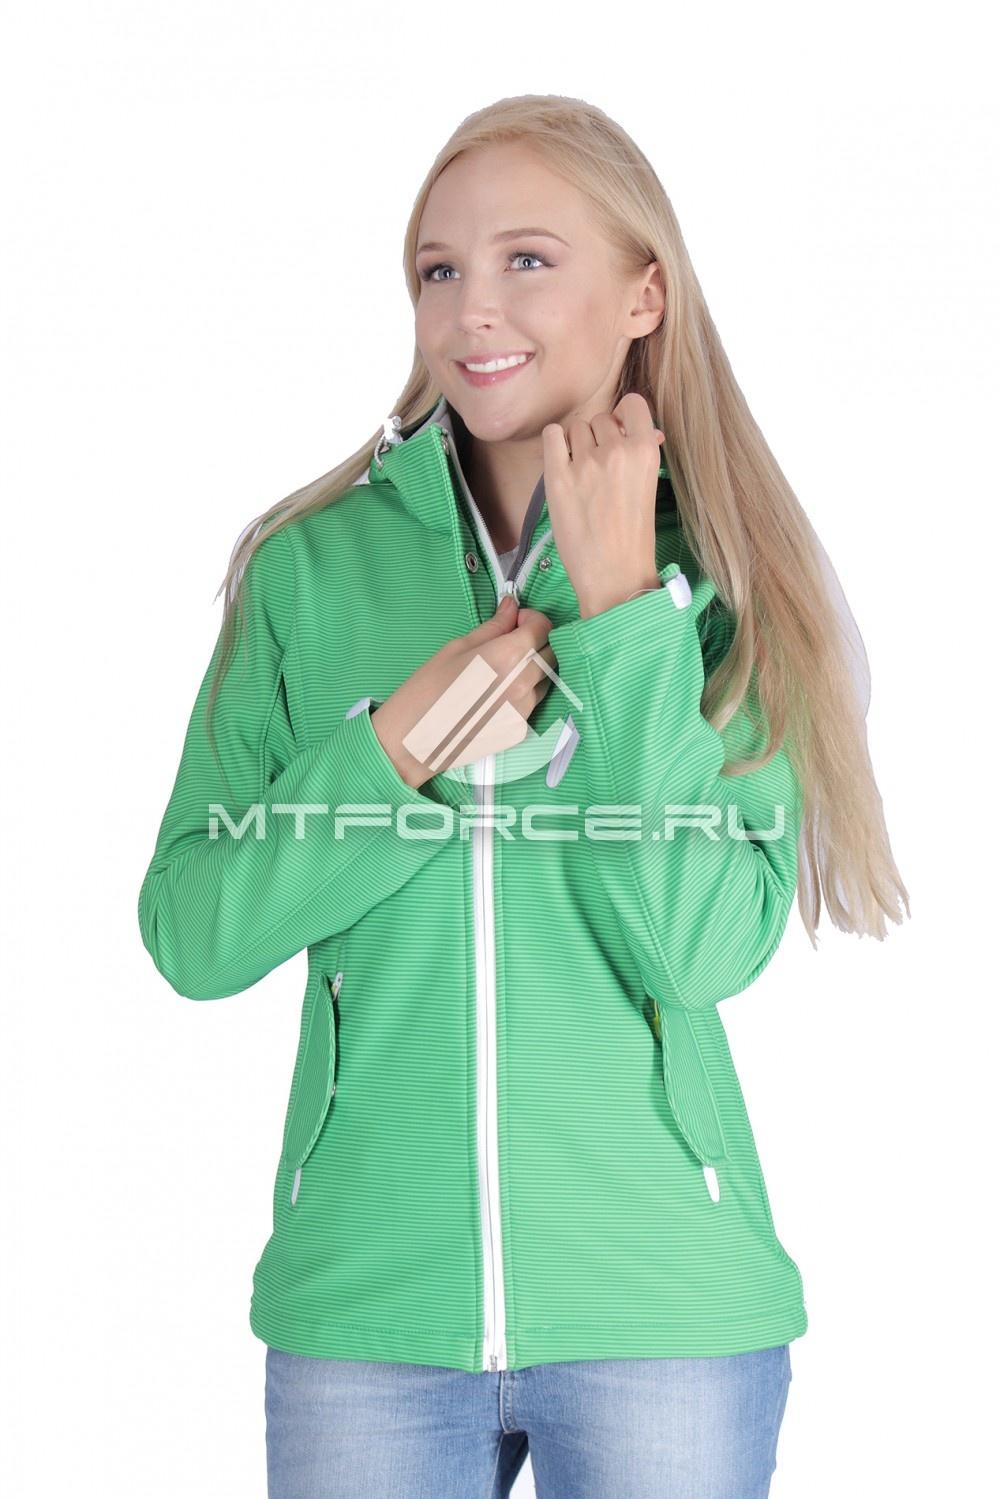 Купить                                  оптом Ветровка - виндстоппер женская зеленого цвета 1638Z в Санкт-Петербурге